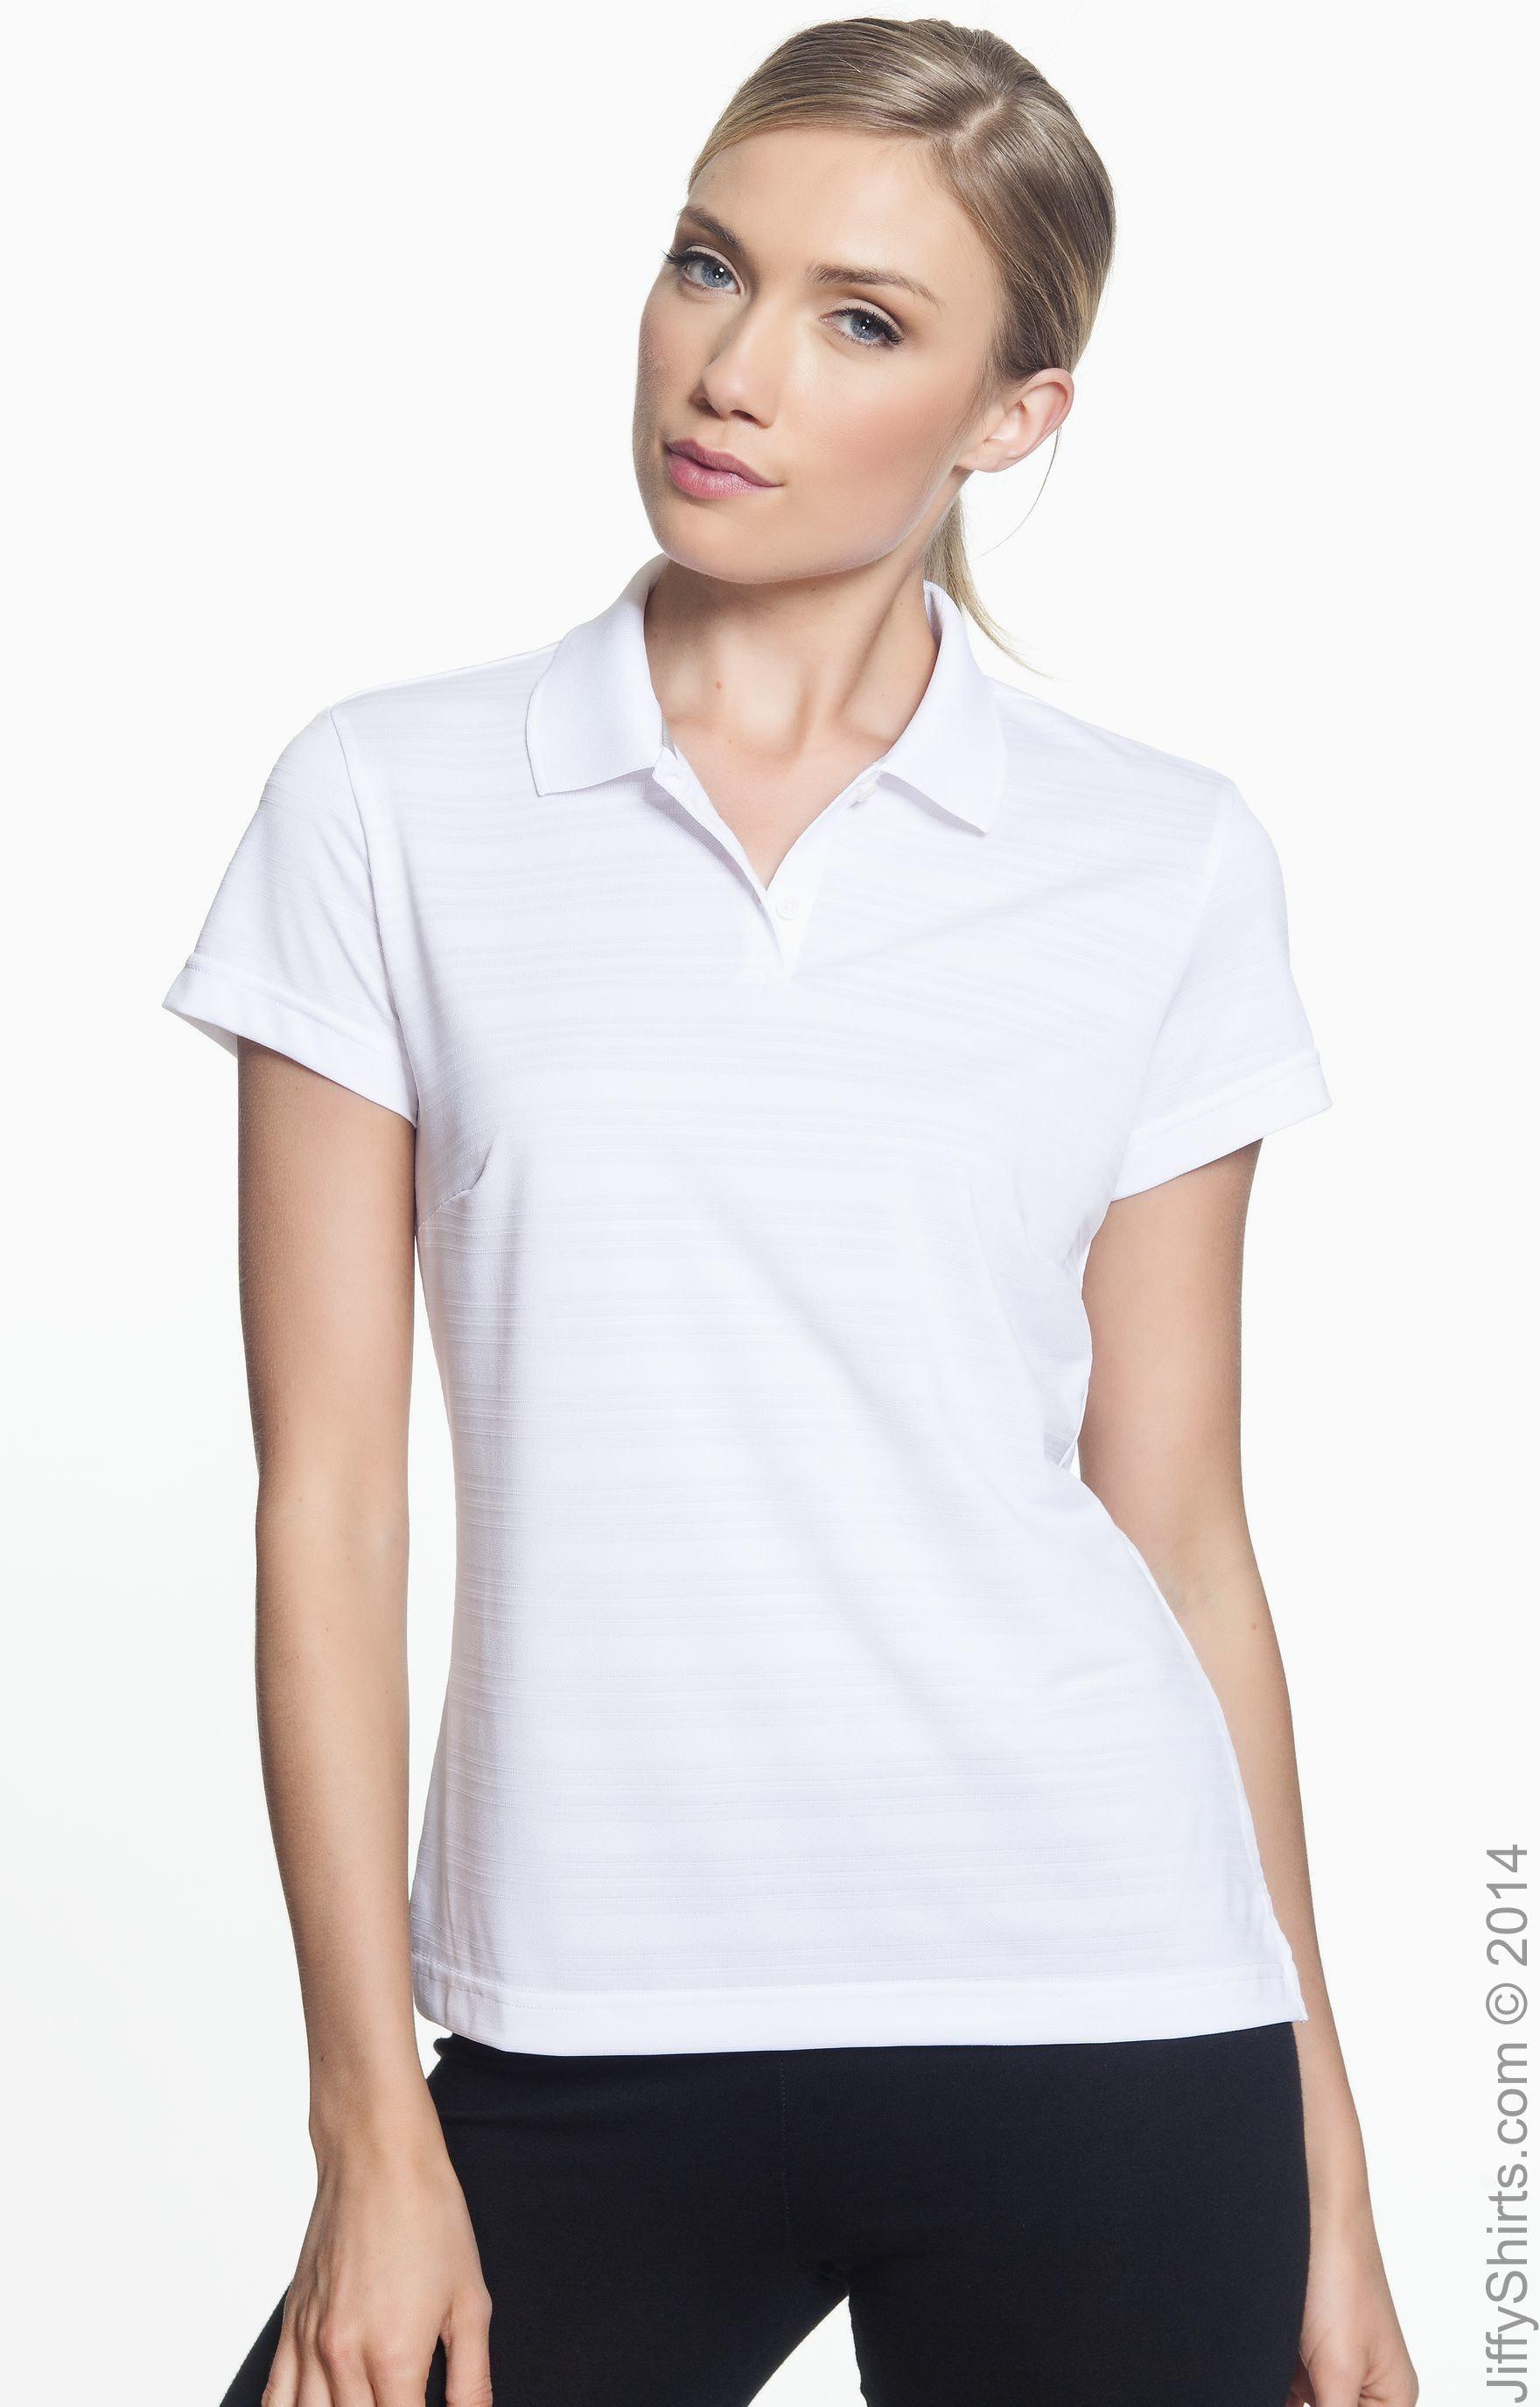 Adidas A162 White